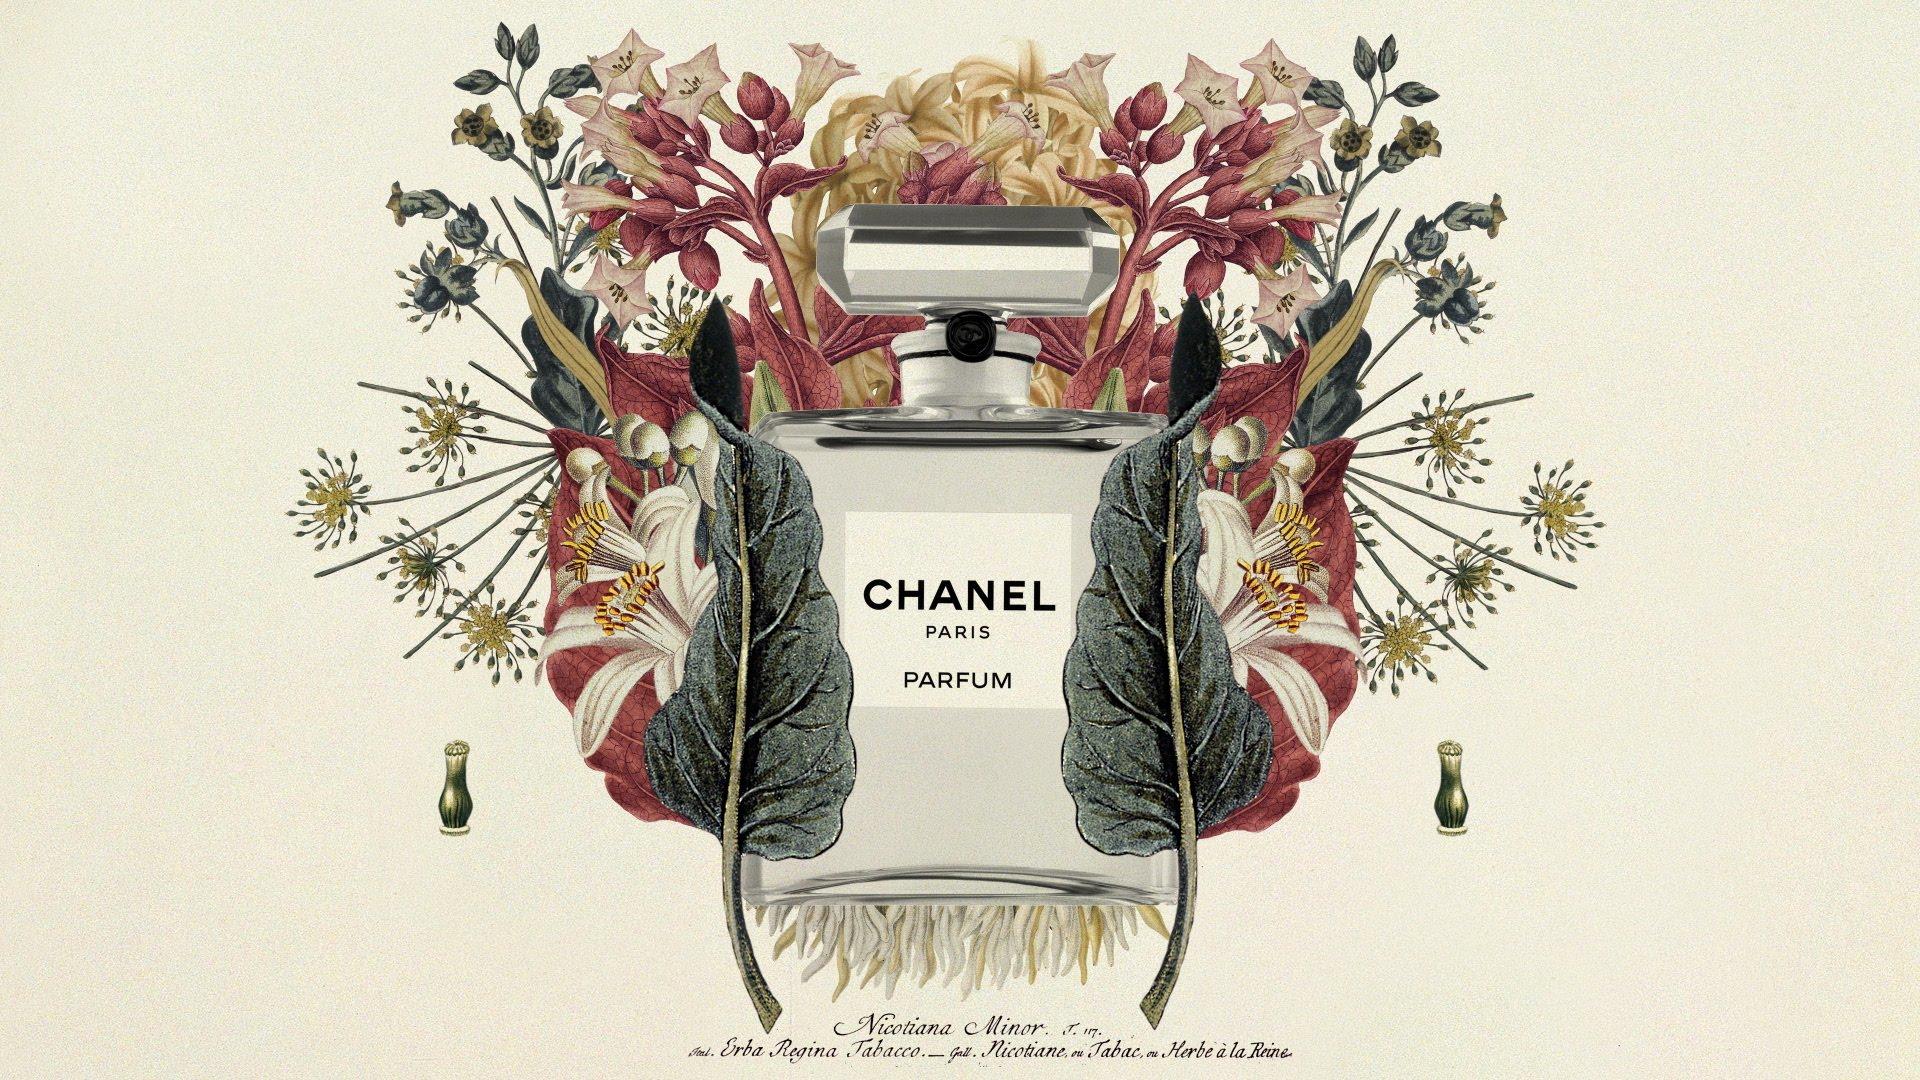 http://inside-chanel.com Je suis un parfum CHANEL: un bouquet imaginaire, étonnant, foisonnant, fleuri, fabriqué avec un goût de l'absolu. Dans le chapitre 15 de Inside CHANEL: L'Autoportrait d'un parfum est décrit […]